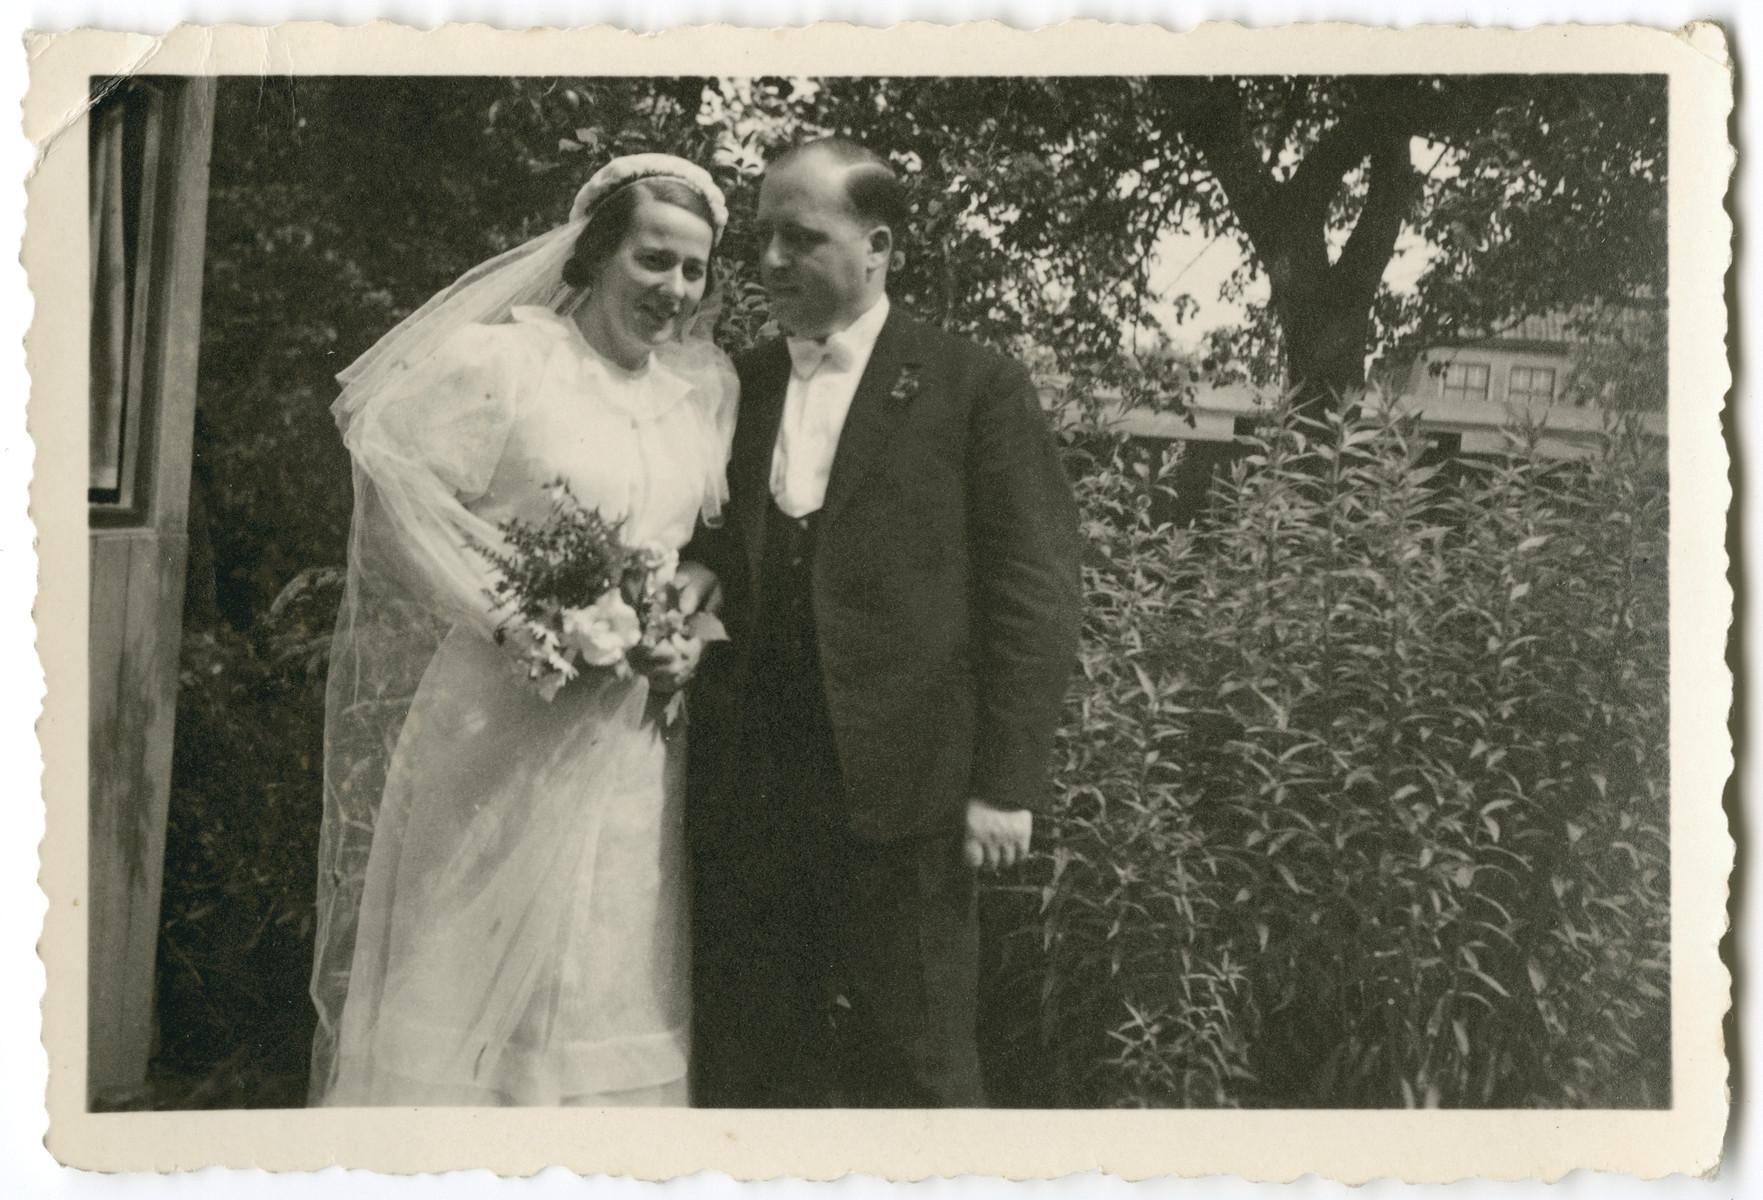 Wedding portrait of Charlotte de Beer and her husband Herbert Herman Seligmann.